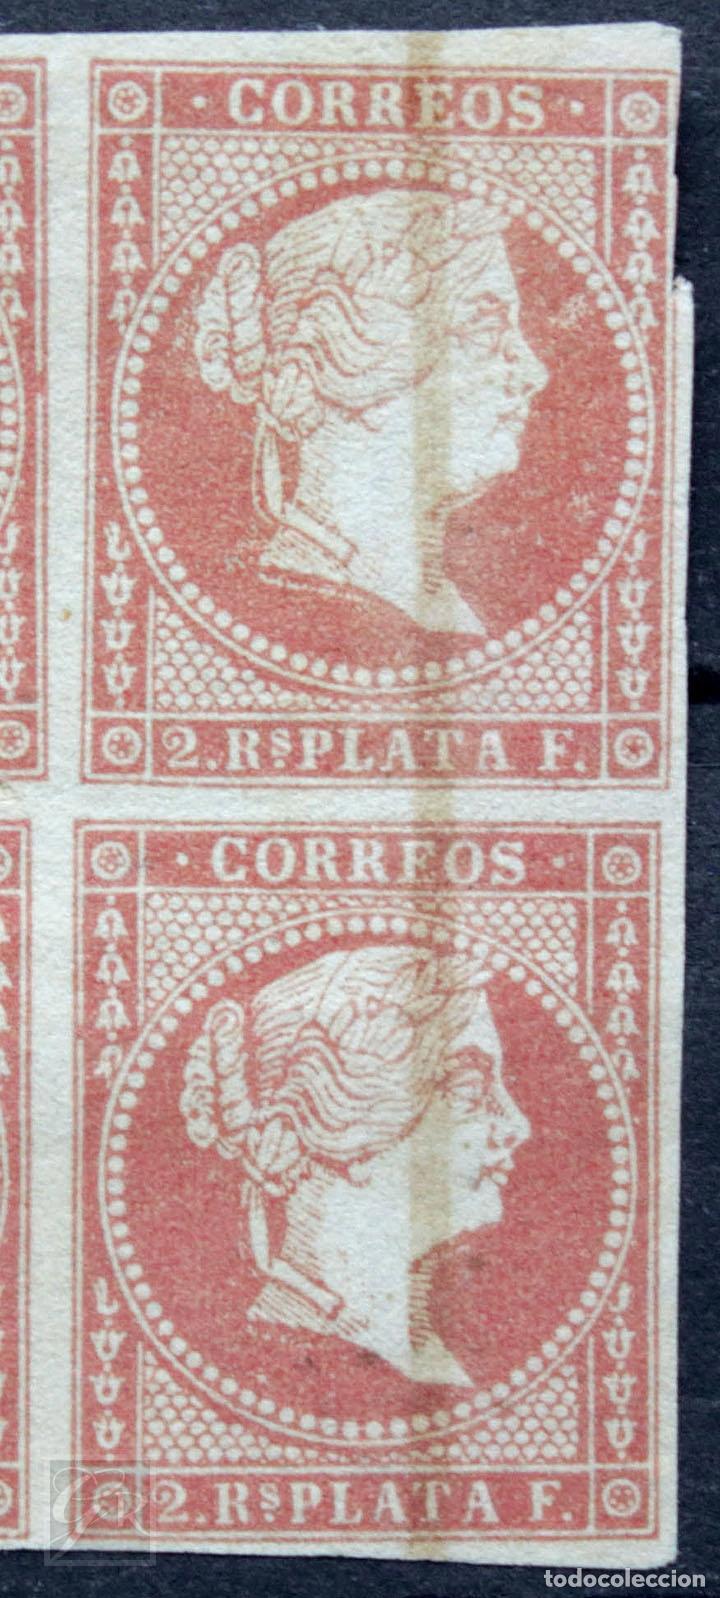 Sellos: España antillas 1857 ~ Isabel II • sin filigrana ~ bloque de 4 usado Bueno - Foto 3 - 181426011